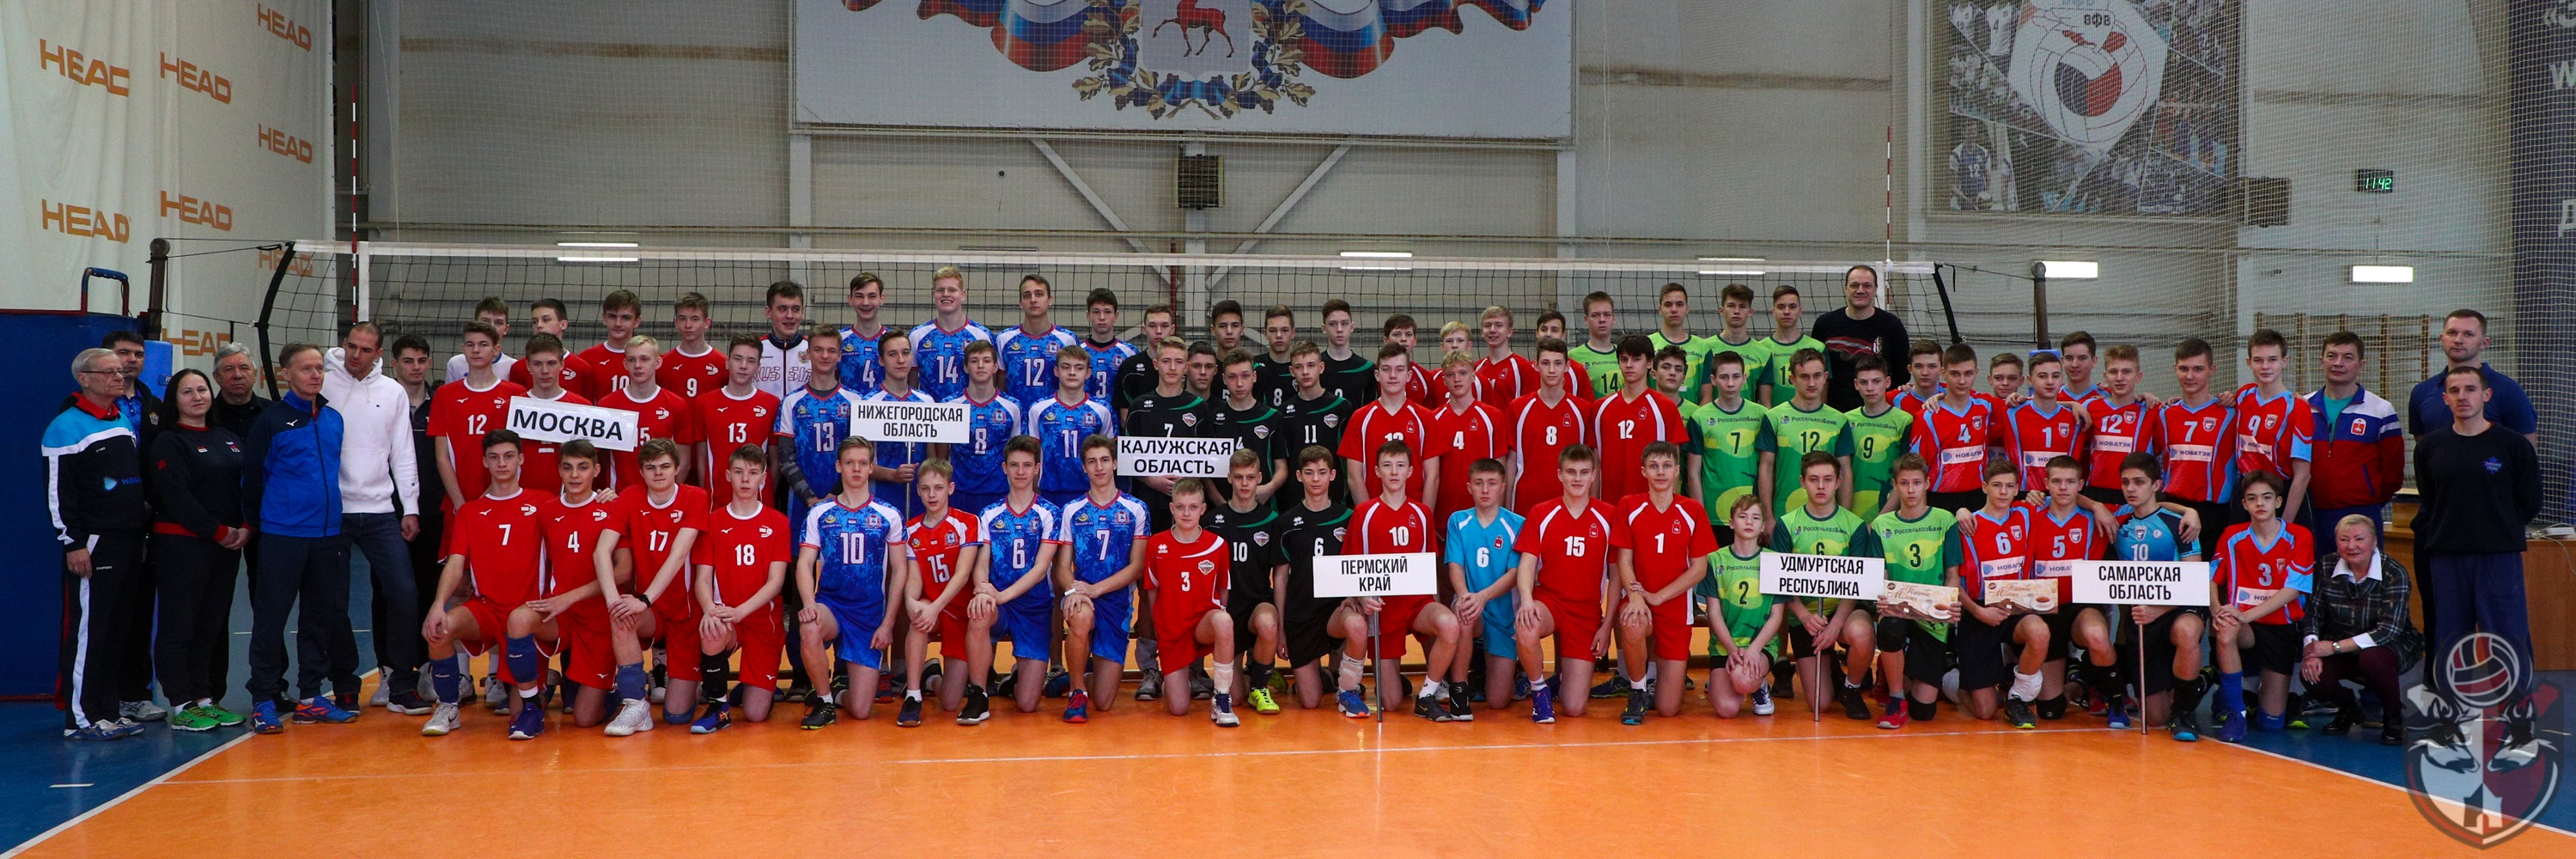 Юношеский волейбольный клуб москва ночная жизнь москвы москва ночные клубы